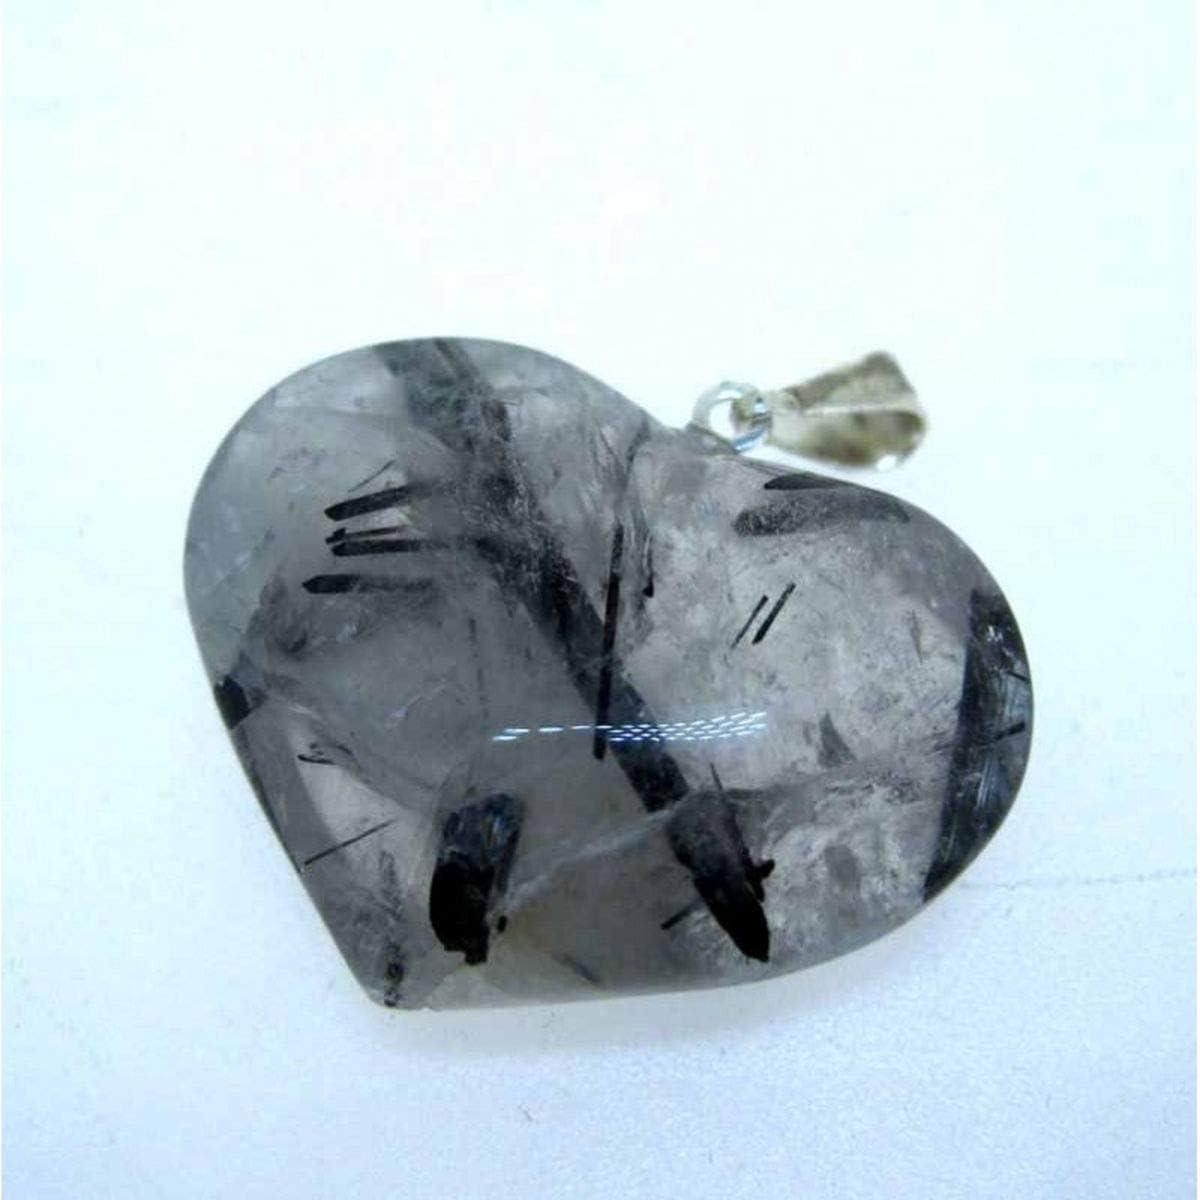 Colgante Corazon en Cuarzo Turmalinado Minerales y Cristales, Belleza energética, Meditacion, Amuletos Espirituales